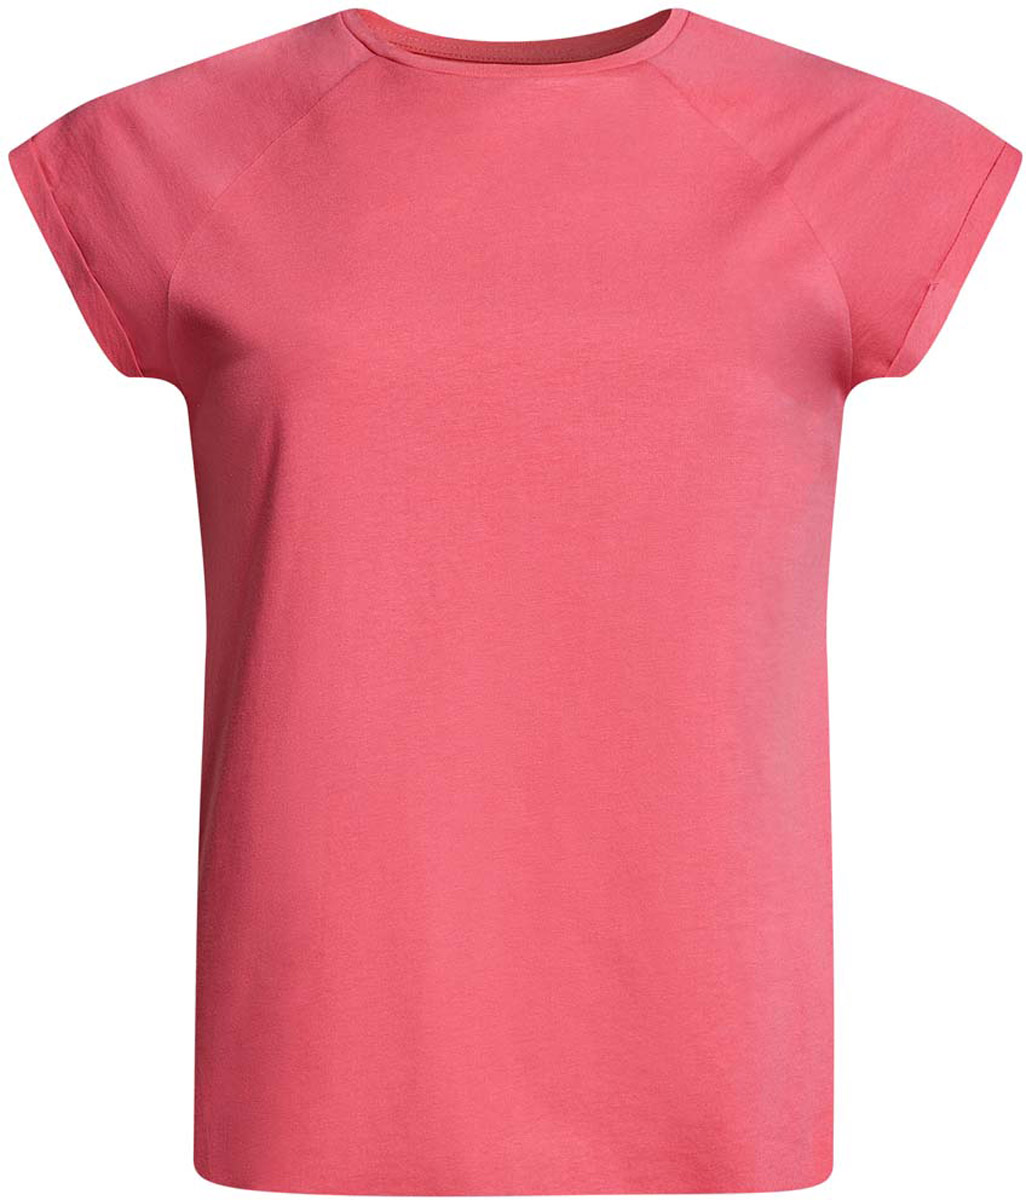 Футболка женская oodji Ultra, цвет: розовый. 14707001-4B/46154/4100N. Размер S (44)14707001-4B/46154/4100NЖенская футболка выполнена из хлопка. Модель с круглым вырезом горловины и короткими рукавами реглан, дополненными отворотом.